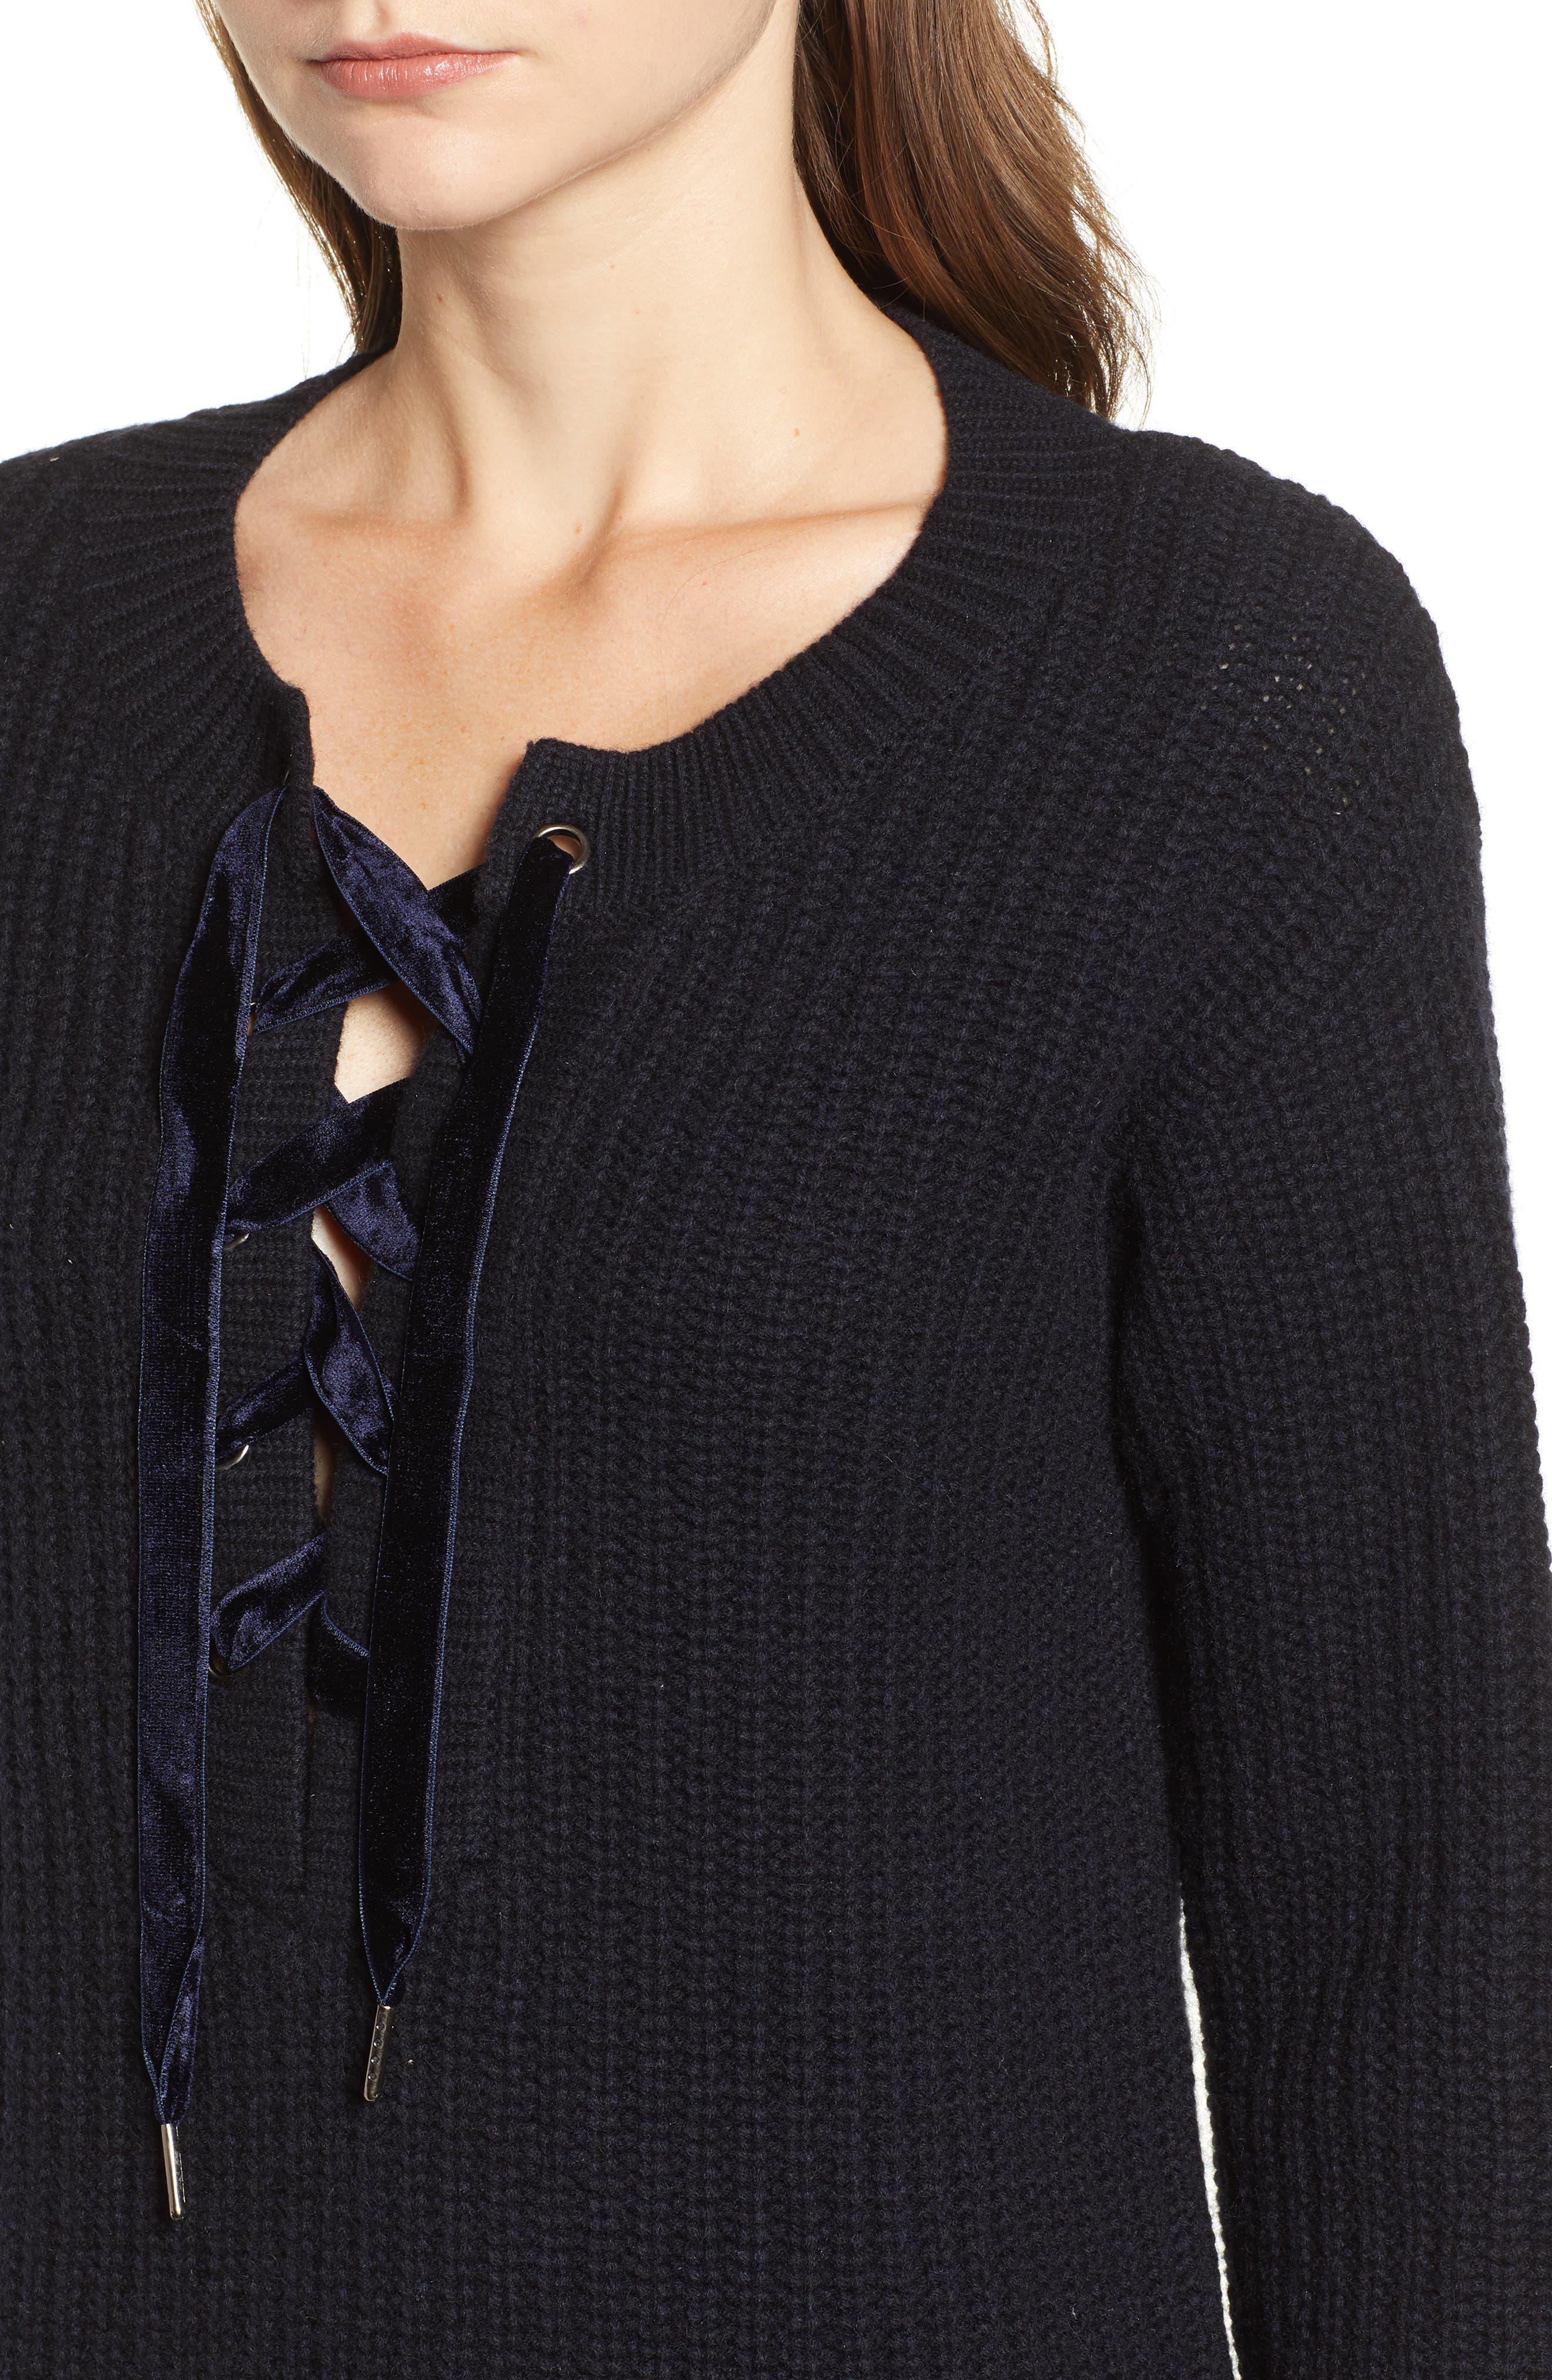 Nicole Velvet Tie Sweater Dress,                             Alternate thumbnail 4, color,                             400